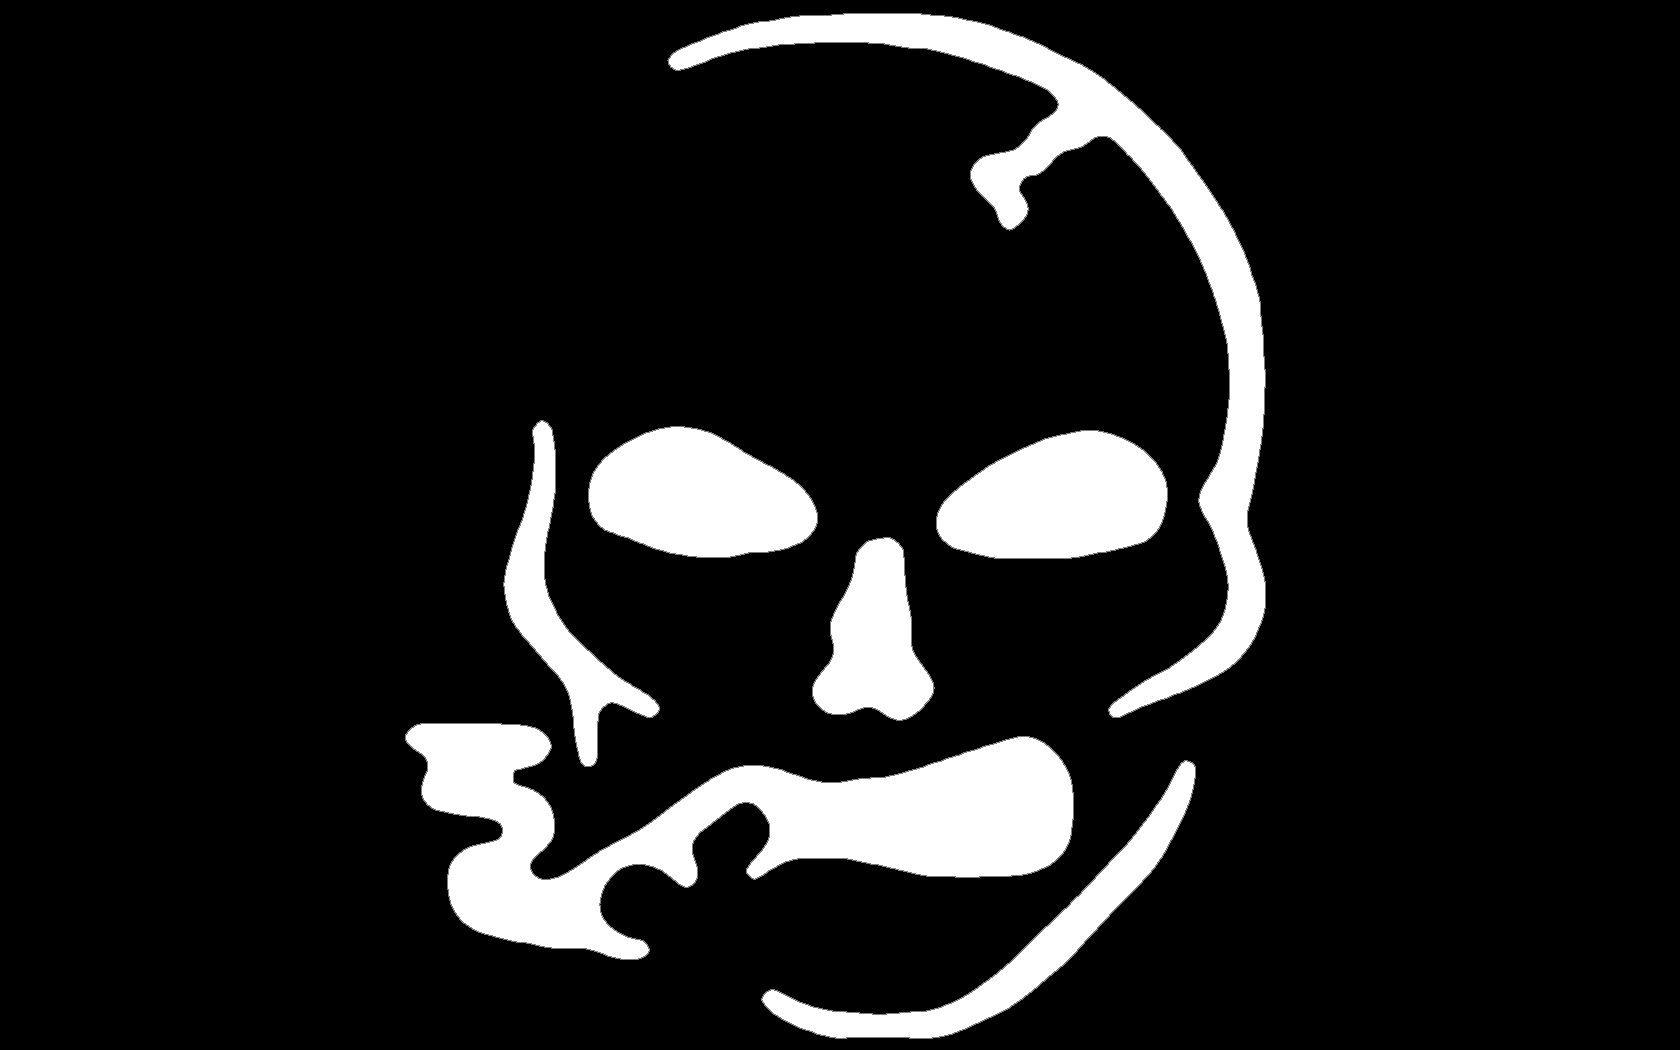 Plain Skull WP Image | Plain Skull WP Picture Code